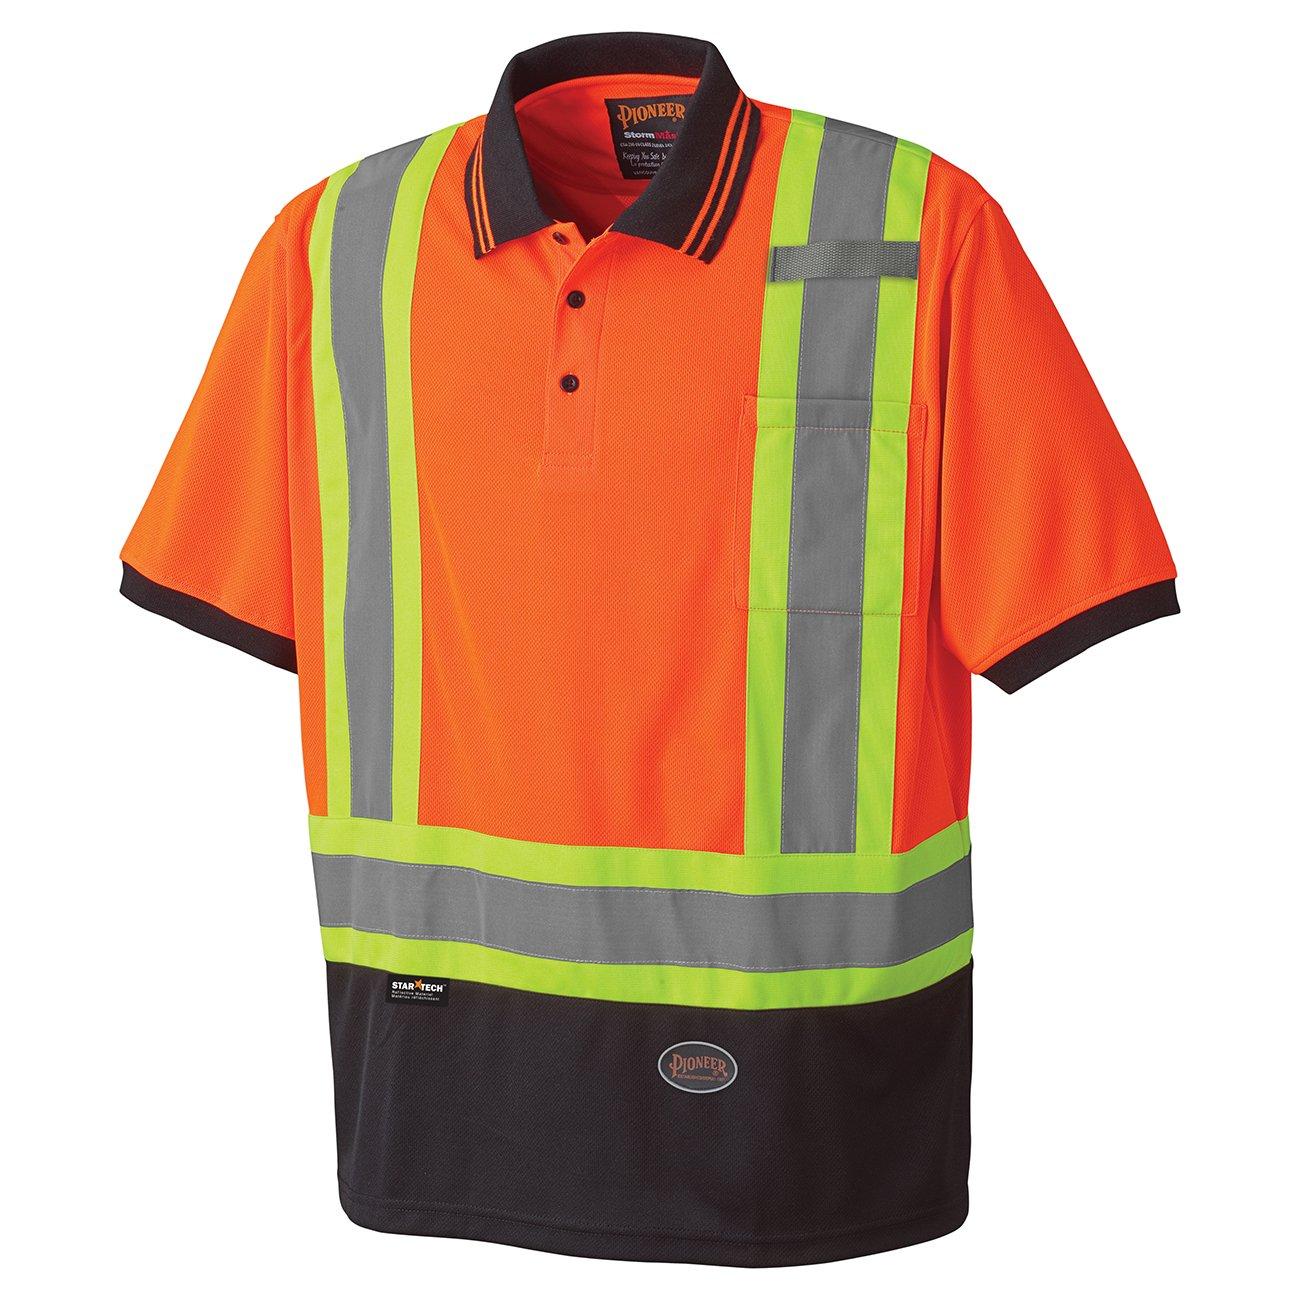 Pioneer Birdseye Safety Polo Shirt V1051350 - 6986